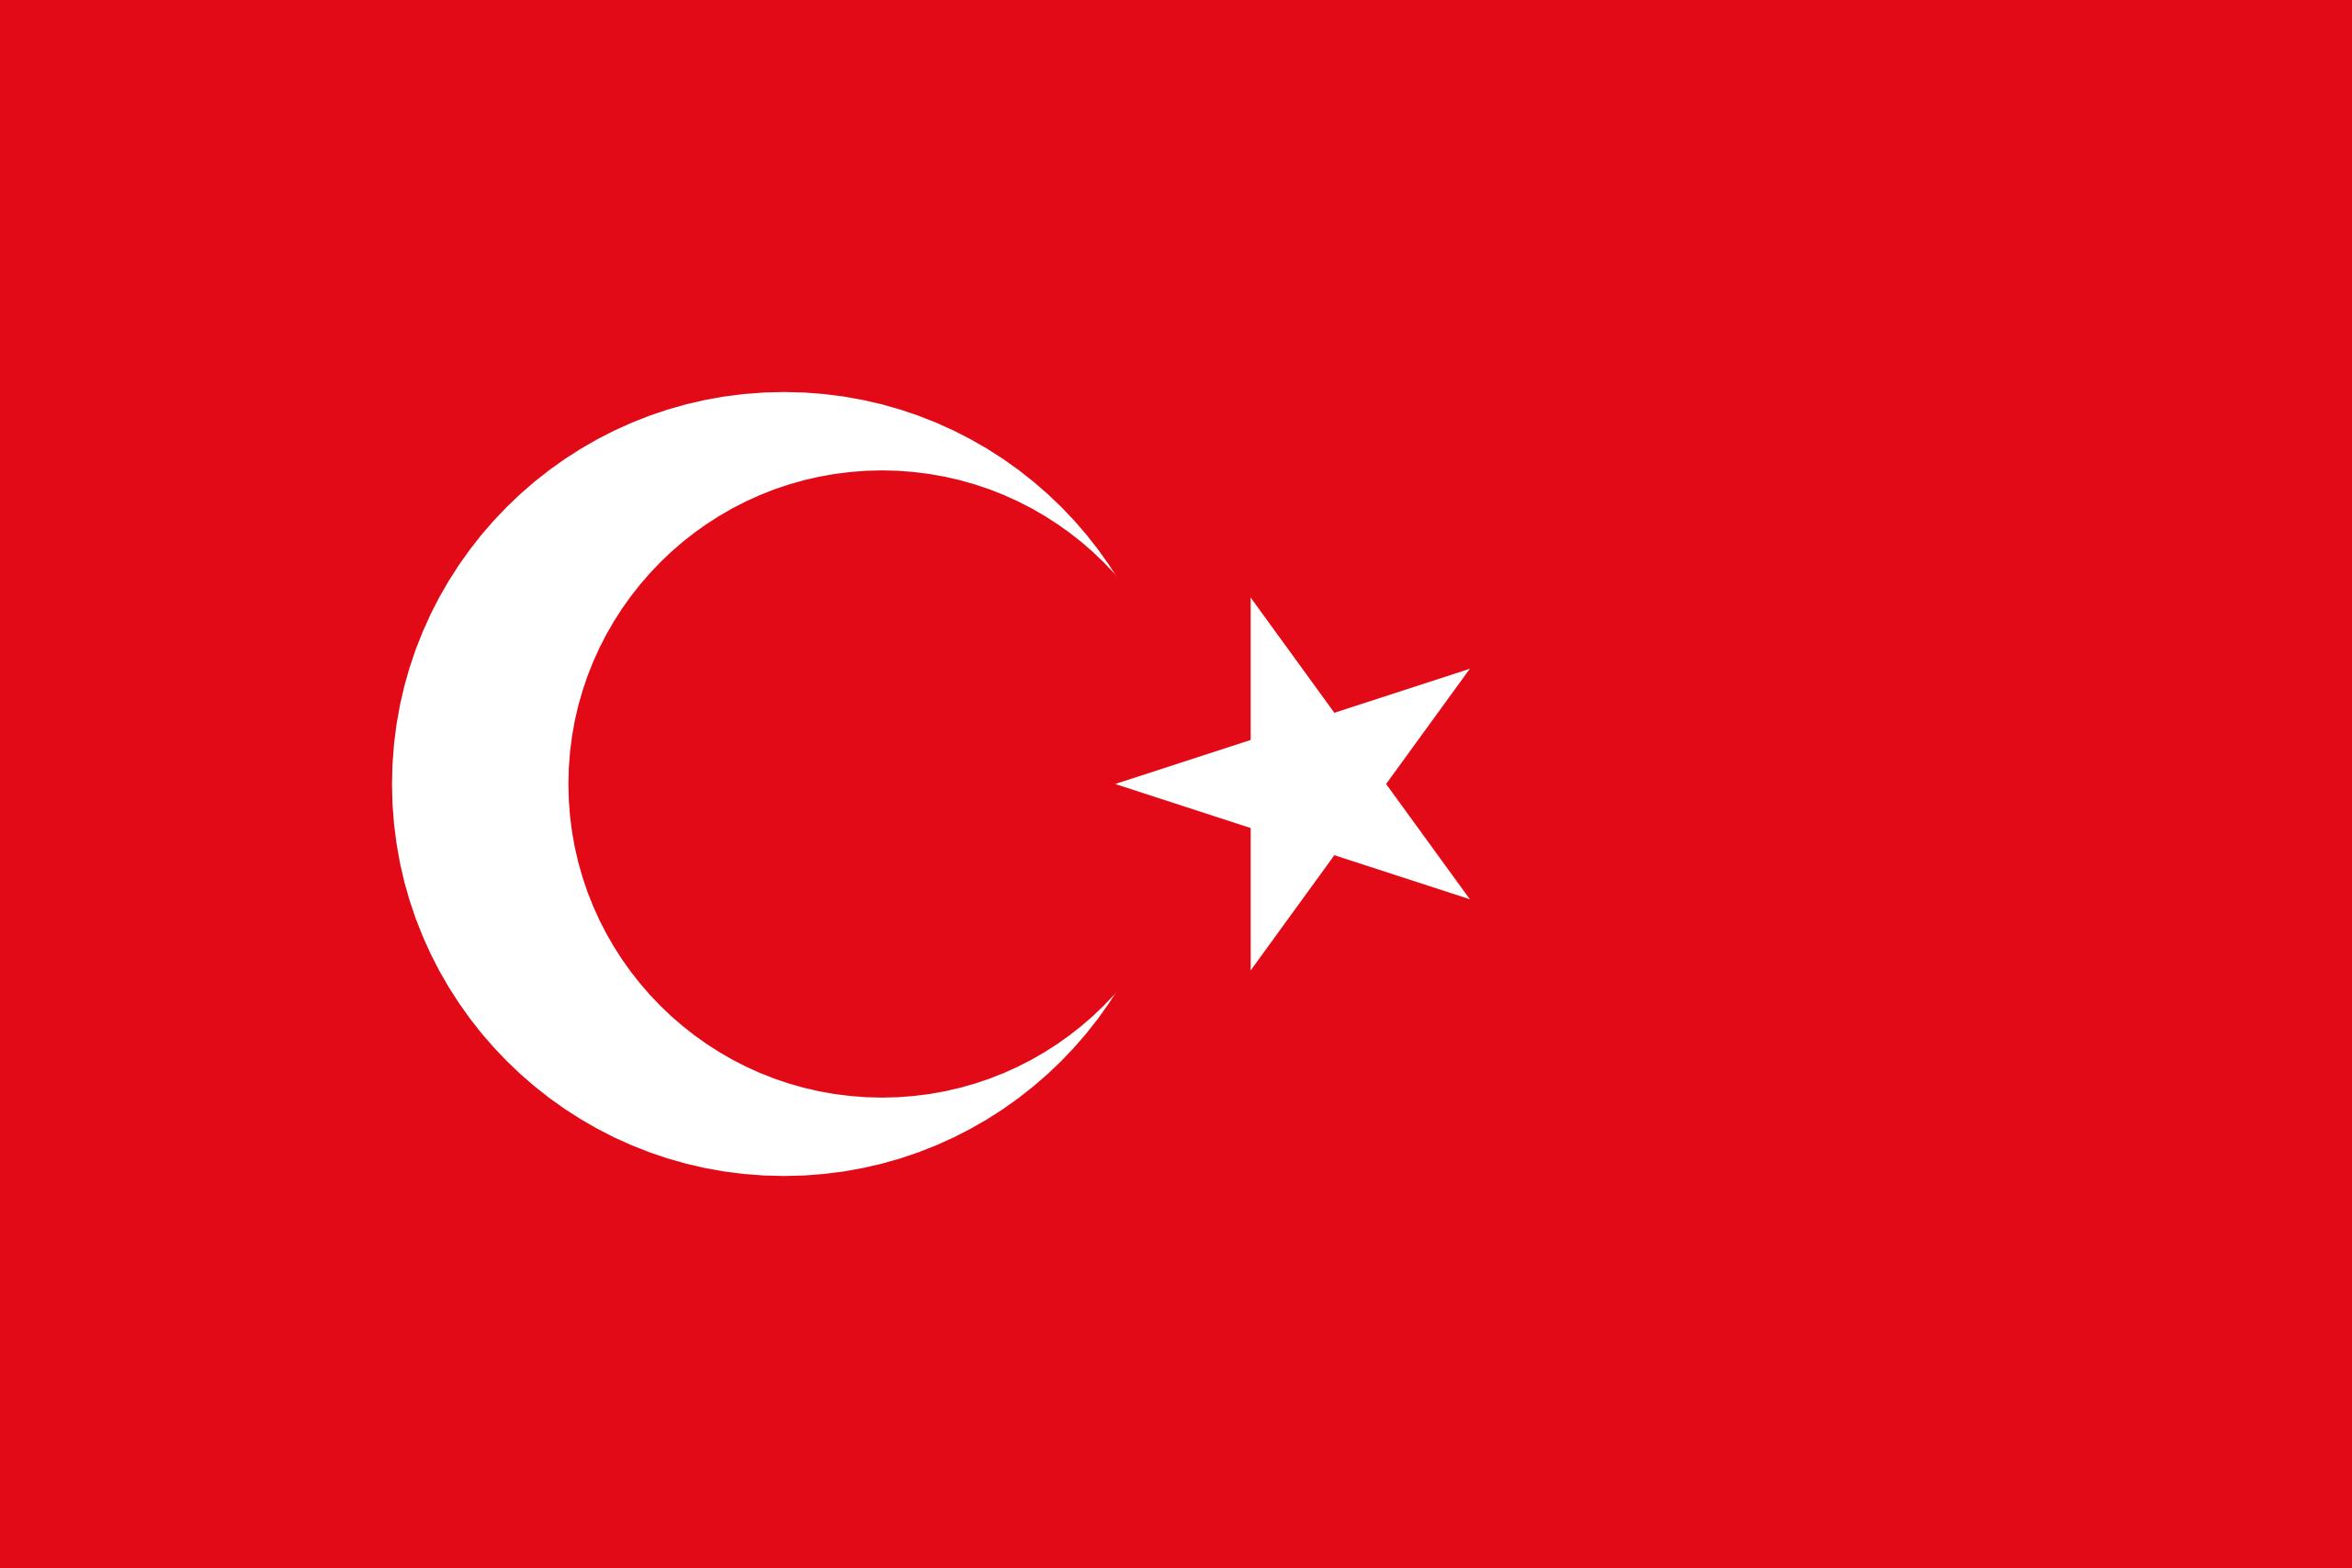 Viser flagg til Tyrkia